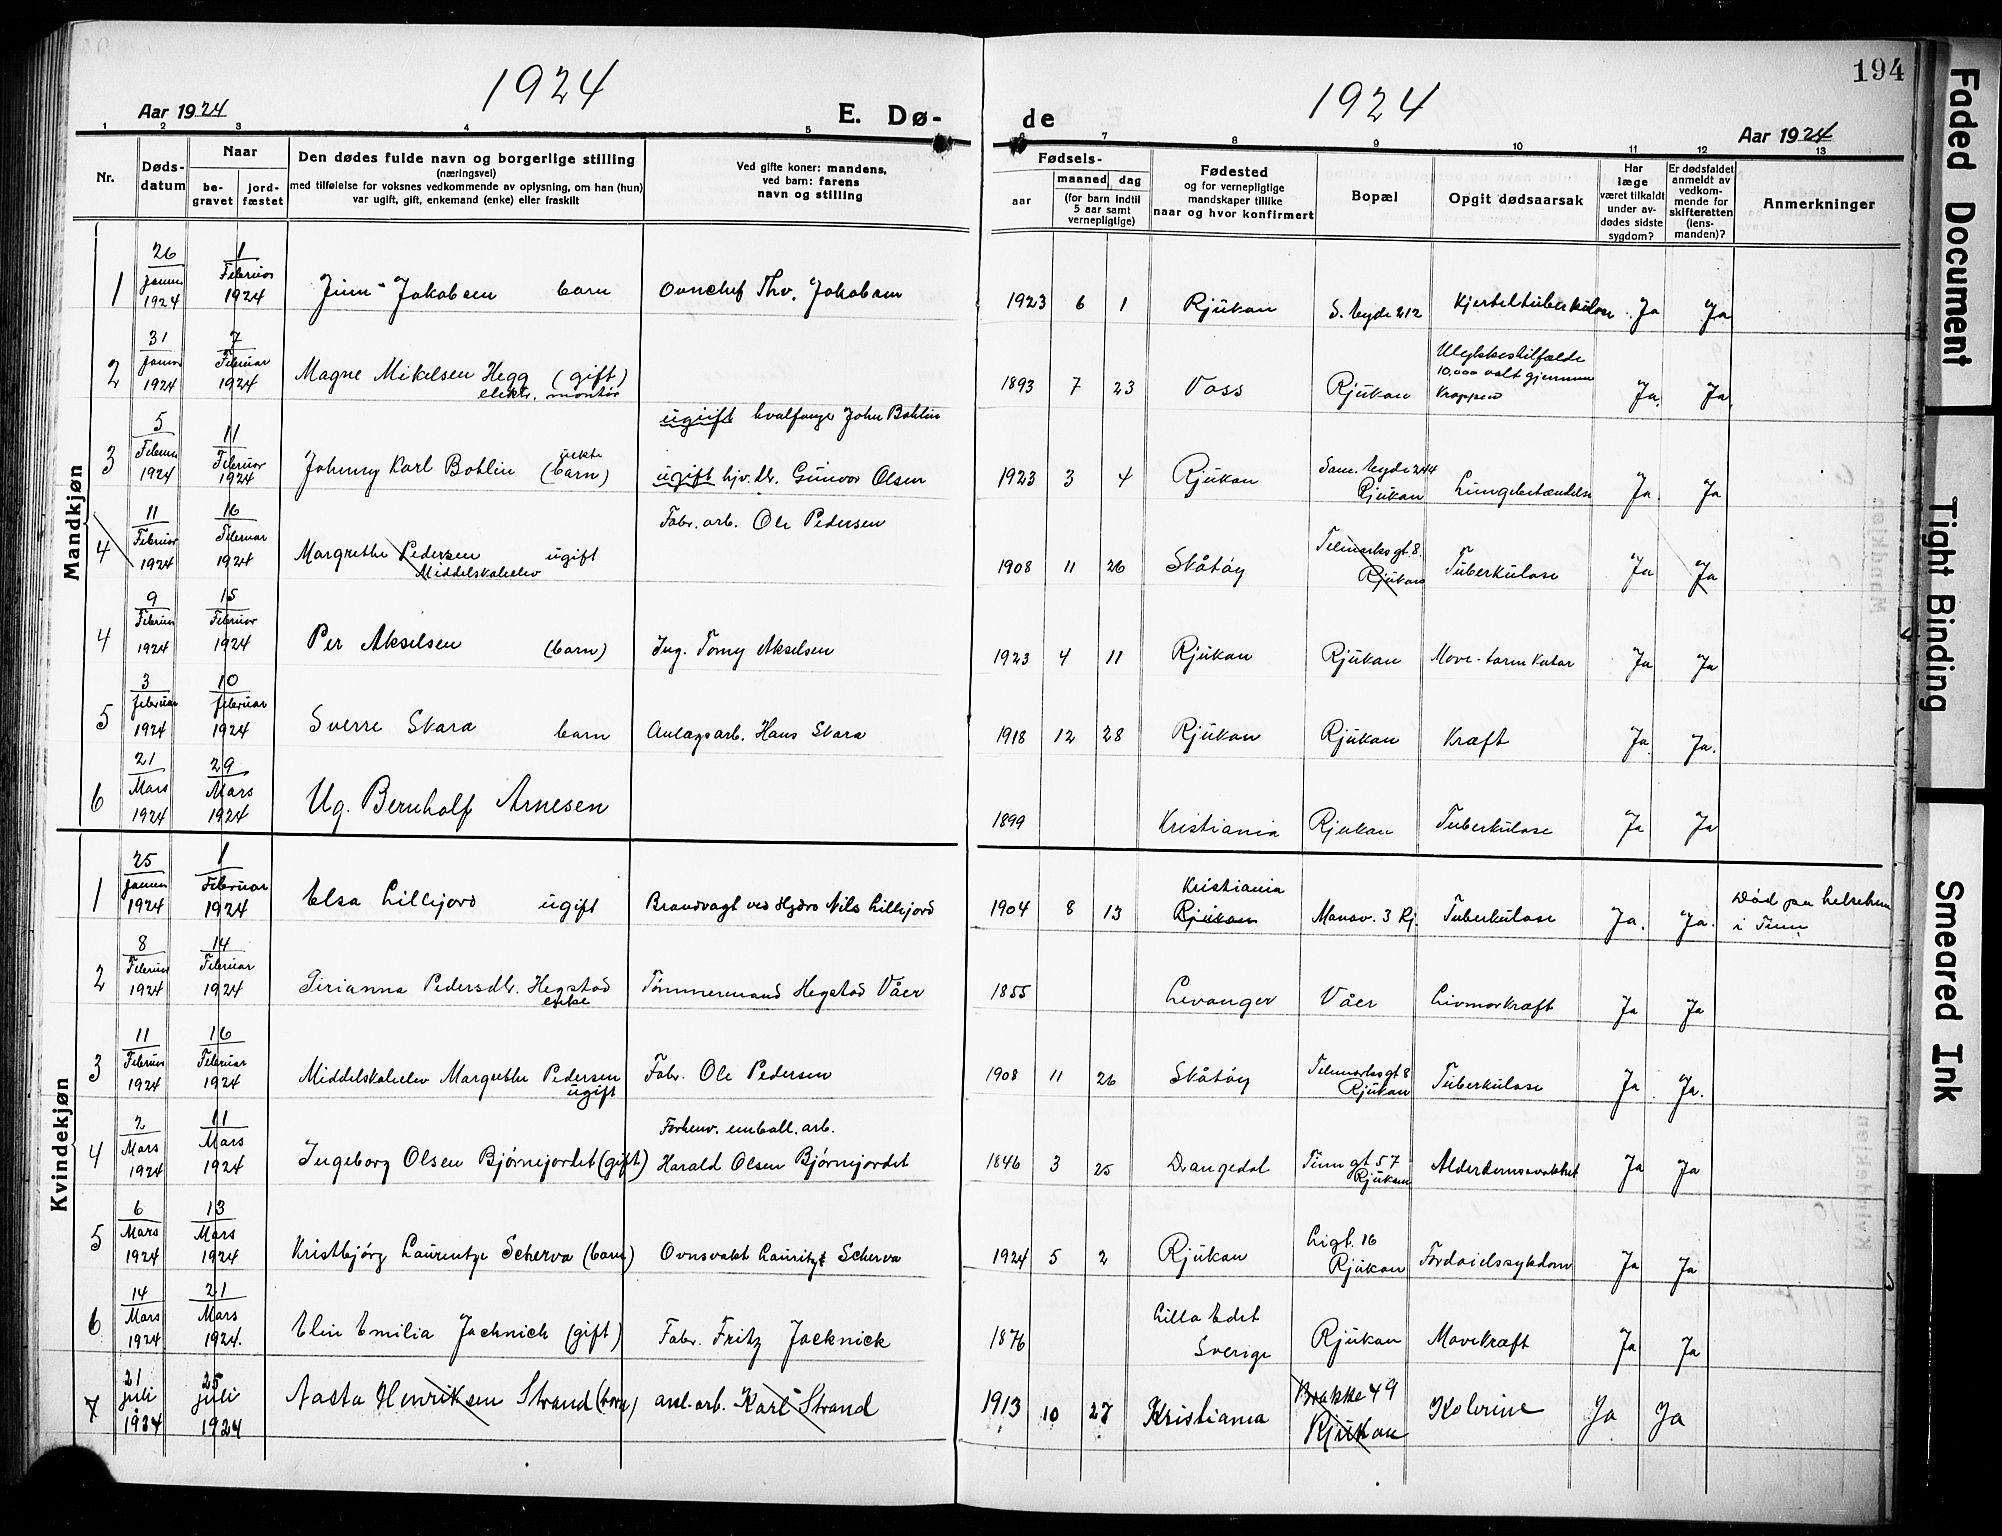 SAKO, Rjukan kirkebøker, G/Ga/L0003: Klokkerbok nr. 3, 1920-1928, s. 194